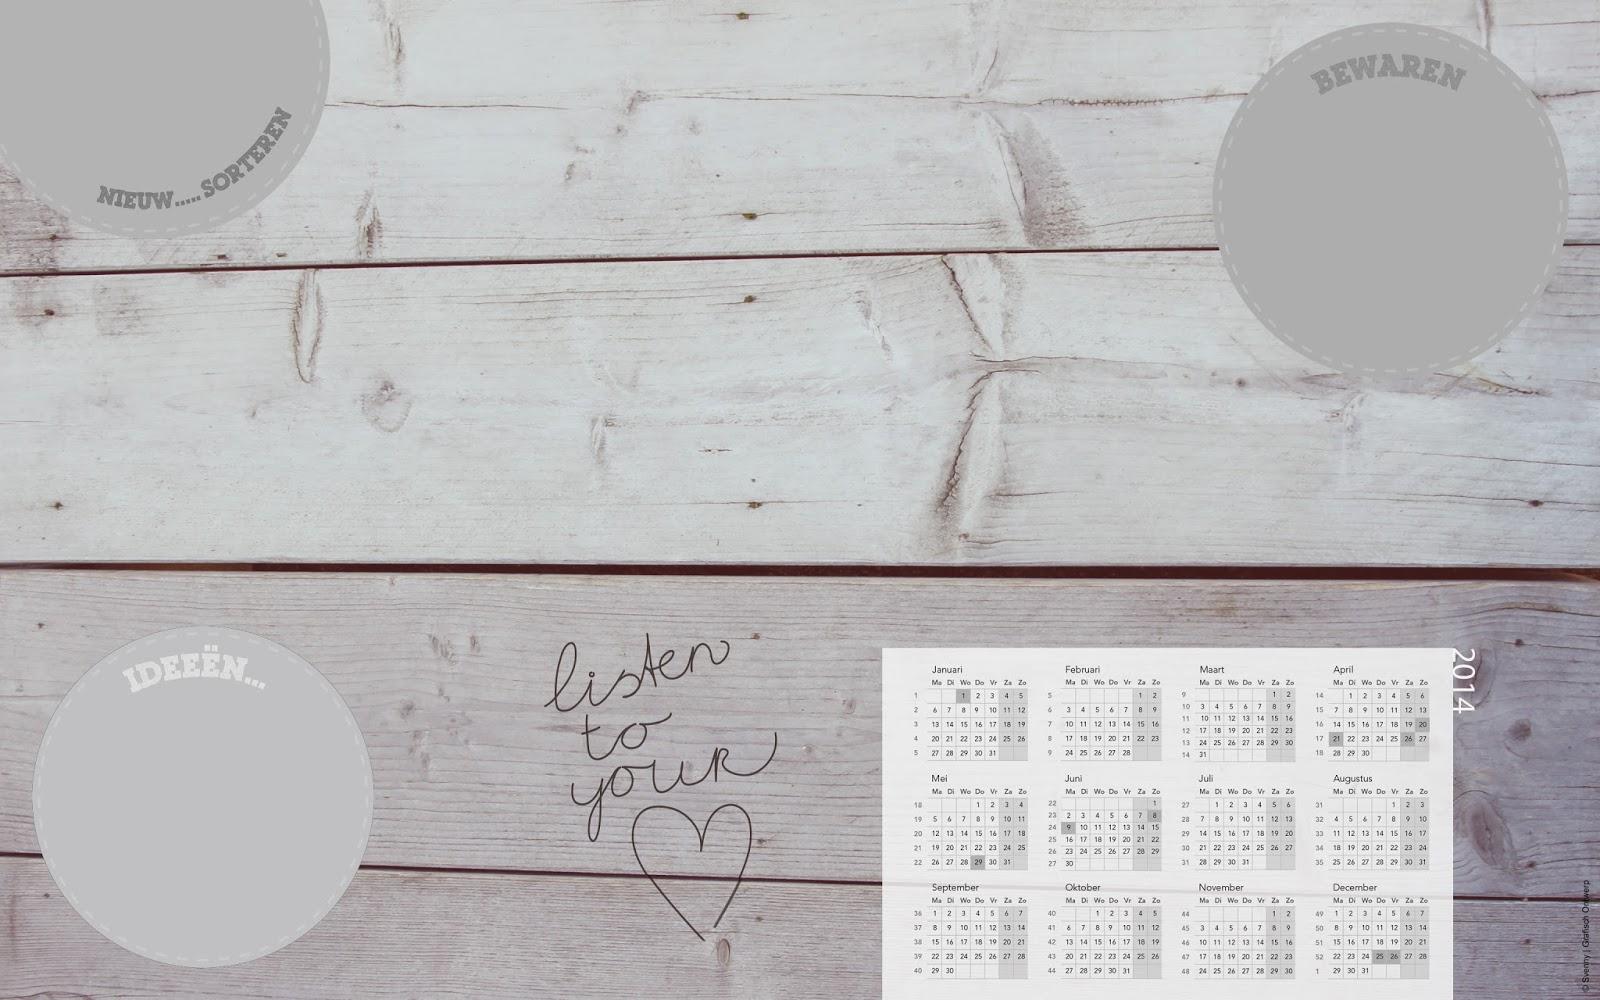 Bureaublad met kalender 2014